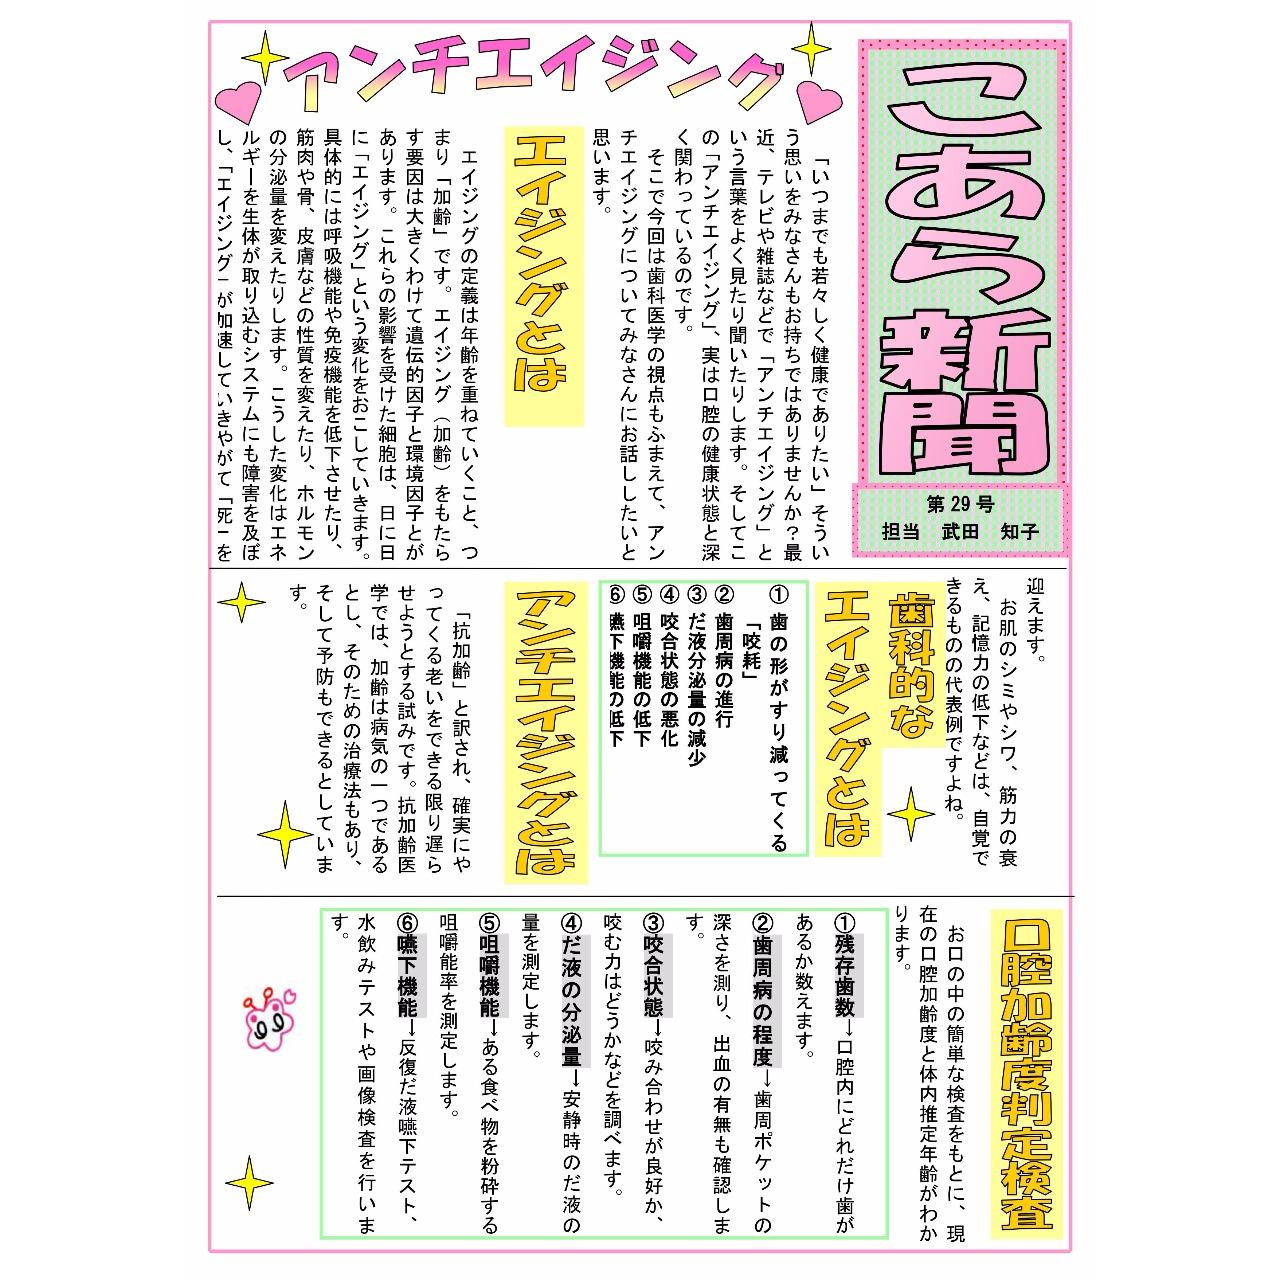 こあら新聞 第29号 担当 武田長澤